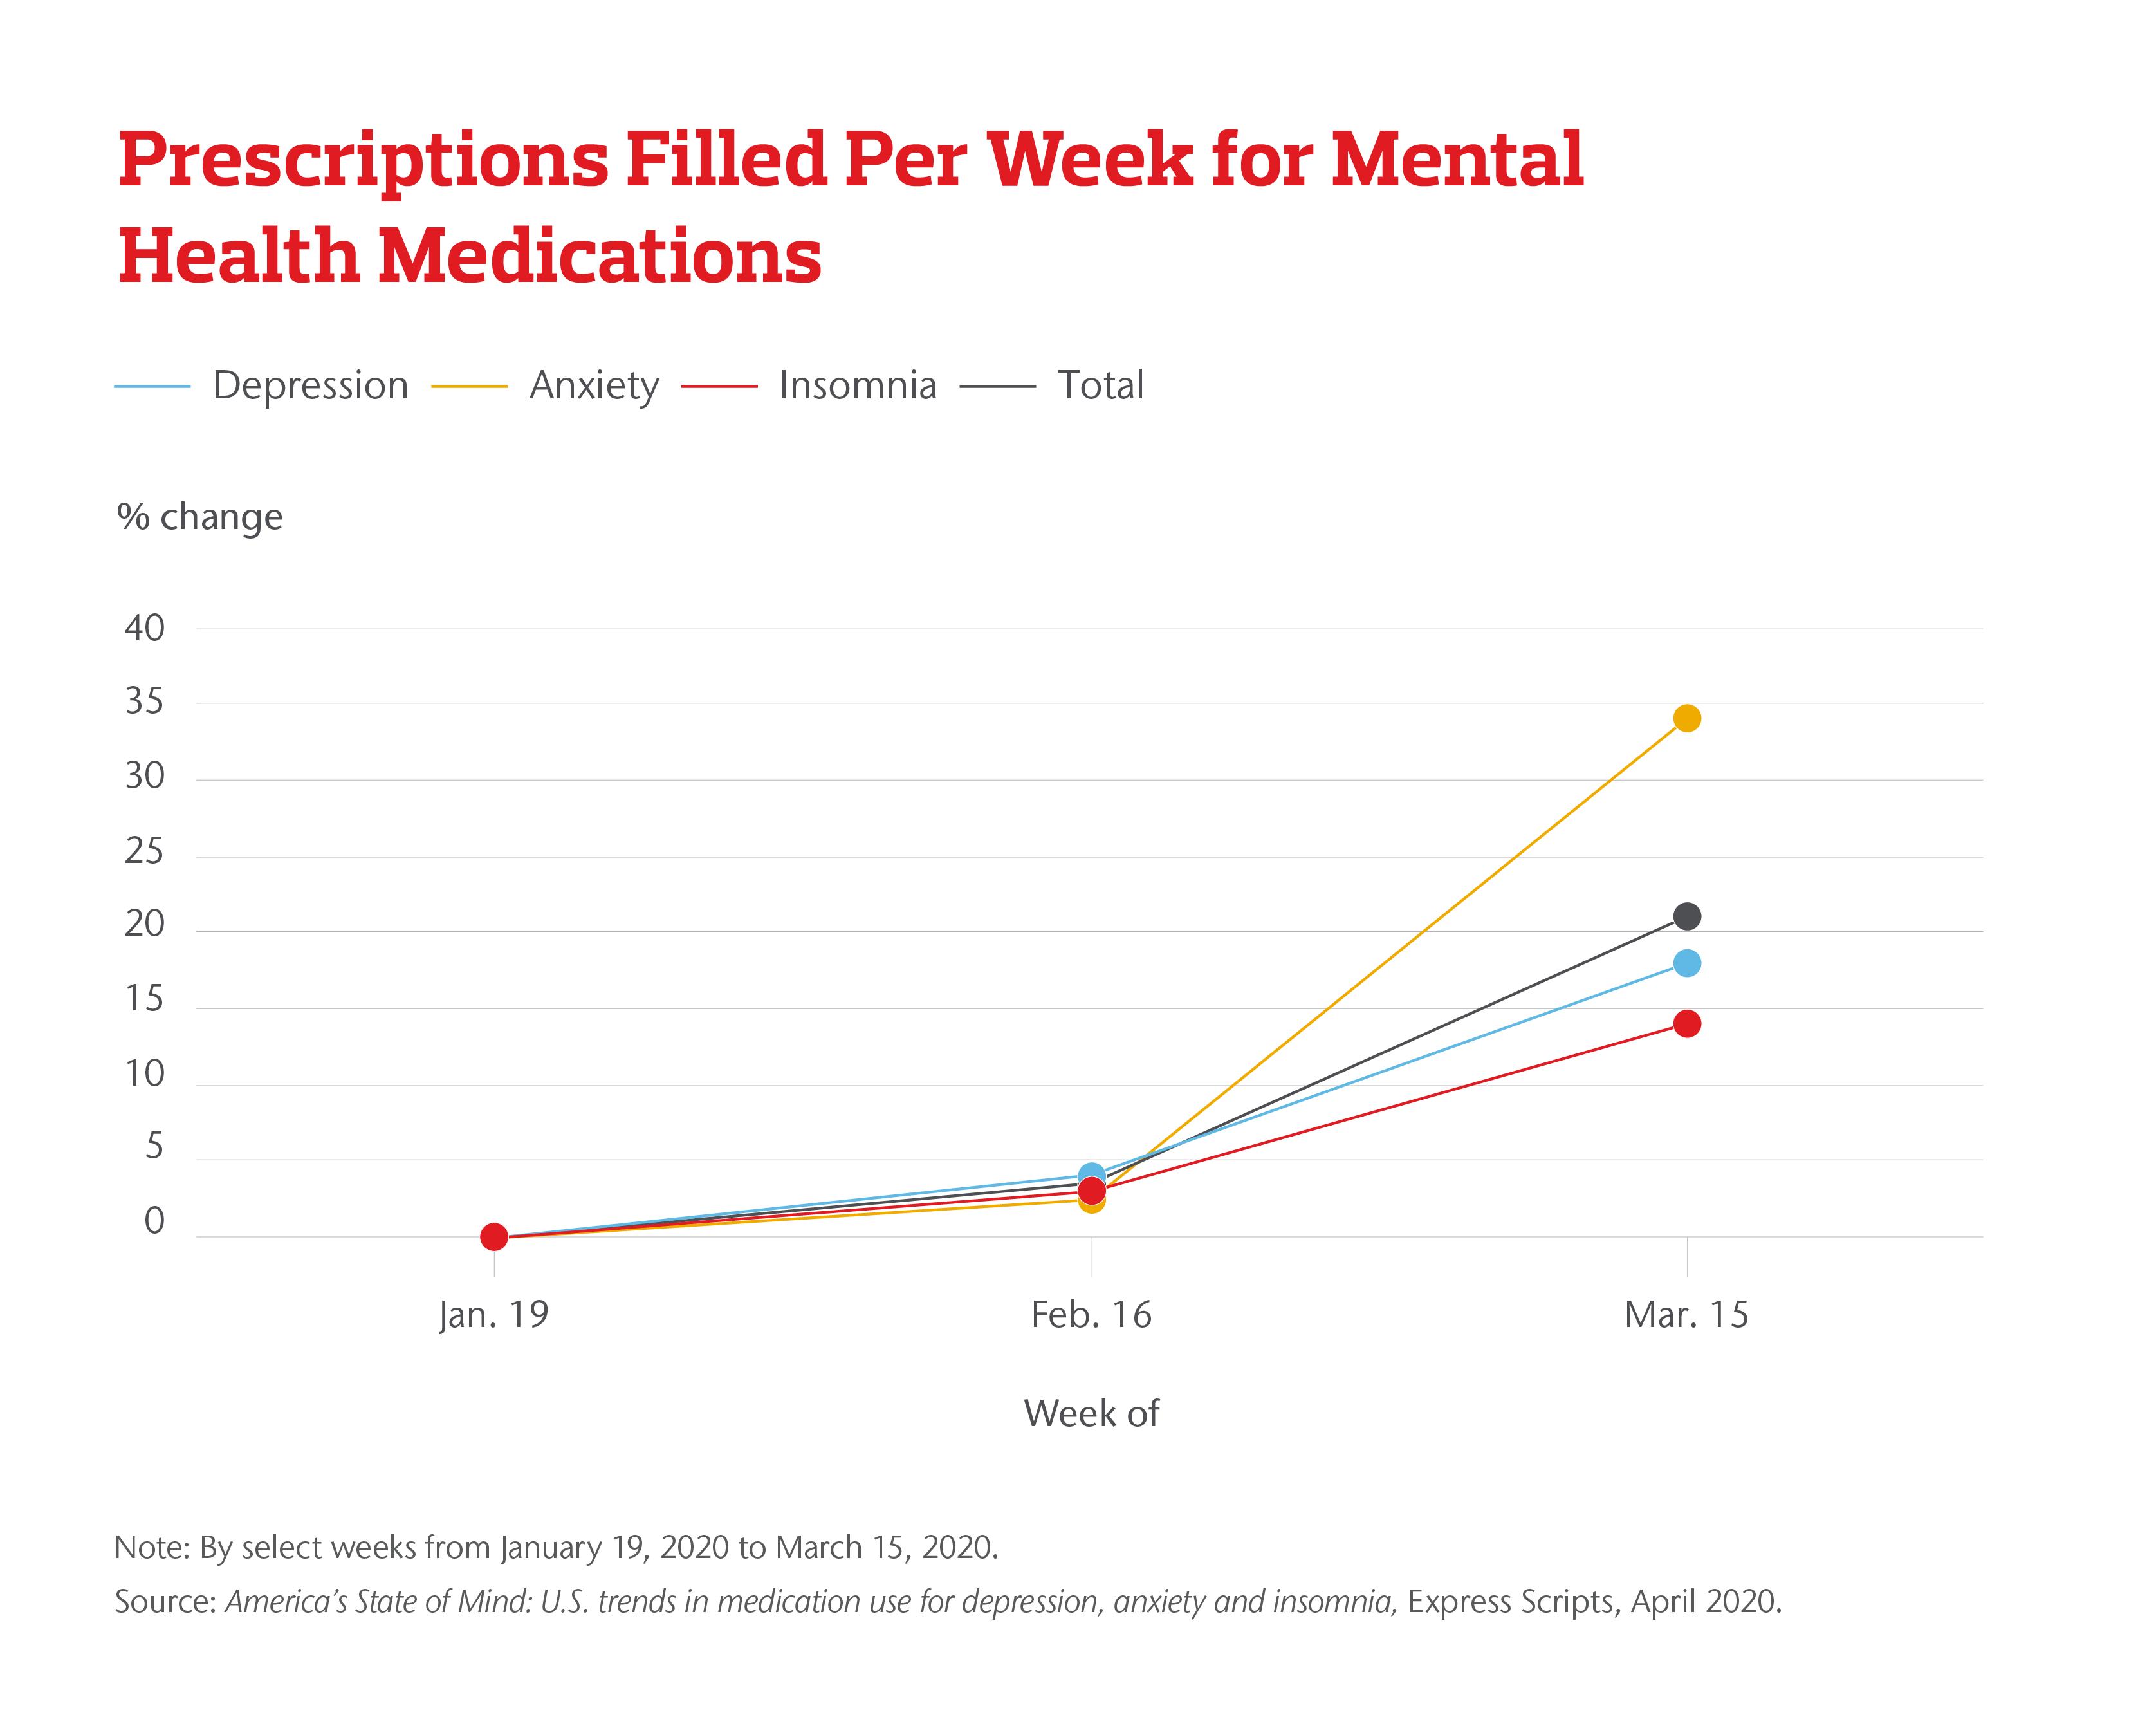 Prescriptions Filled Per Week for Mental Health Medications